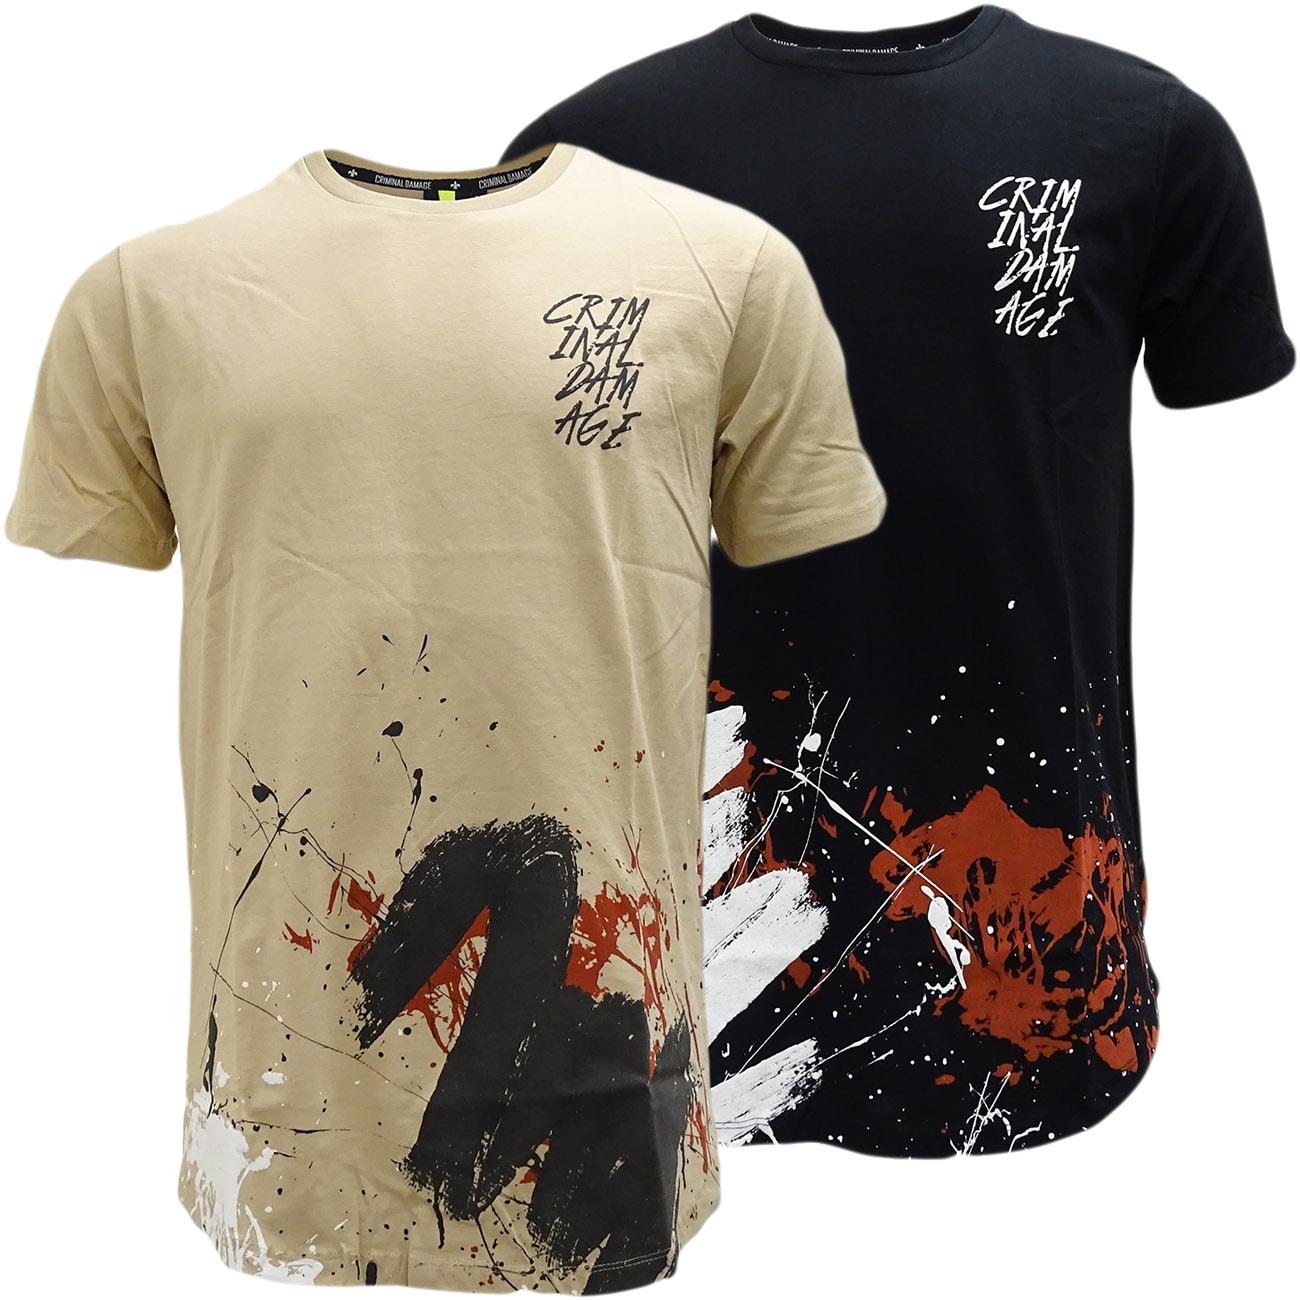 Criminal Damage Paint Splash Graffiti T Shirt - Décor